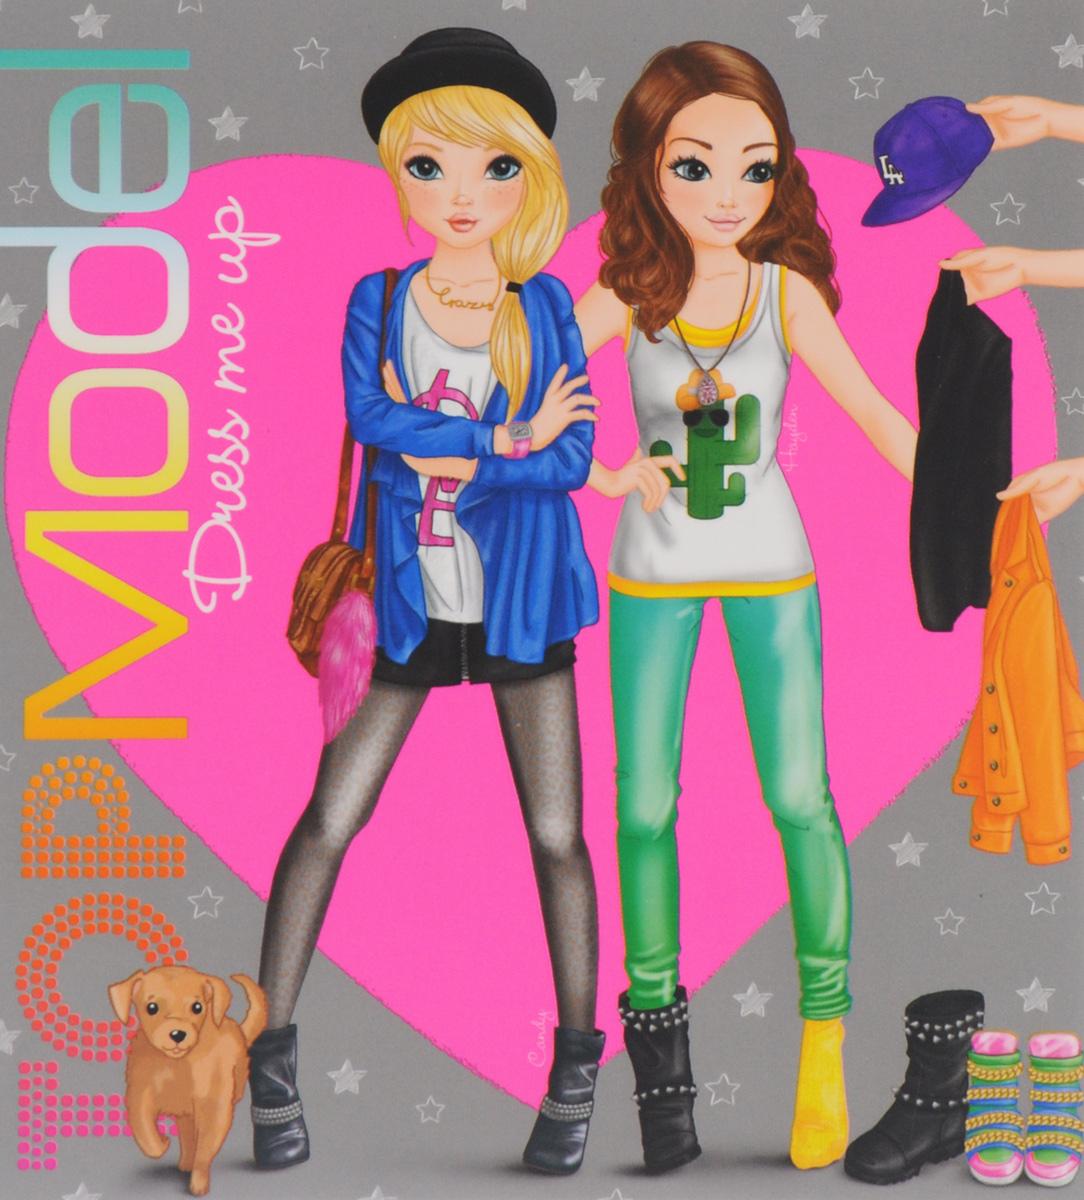 TOPModel: Dress Me Up. Раскраска (+ наклейки)12296407В альбоме вам предстоит преобразовать и придумать свои собственные специальные версии стильной модной одежды с помощью своей неудержимой фантазией и большого количества наклеек и стикеров, которые прилагаются к комплекту. Изменяйте прически, одежду, аксессуары и создайте свою Top Model по своему вкусу.